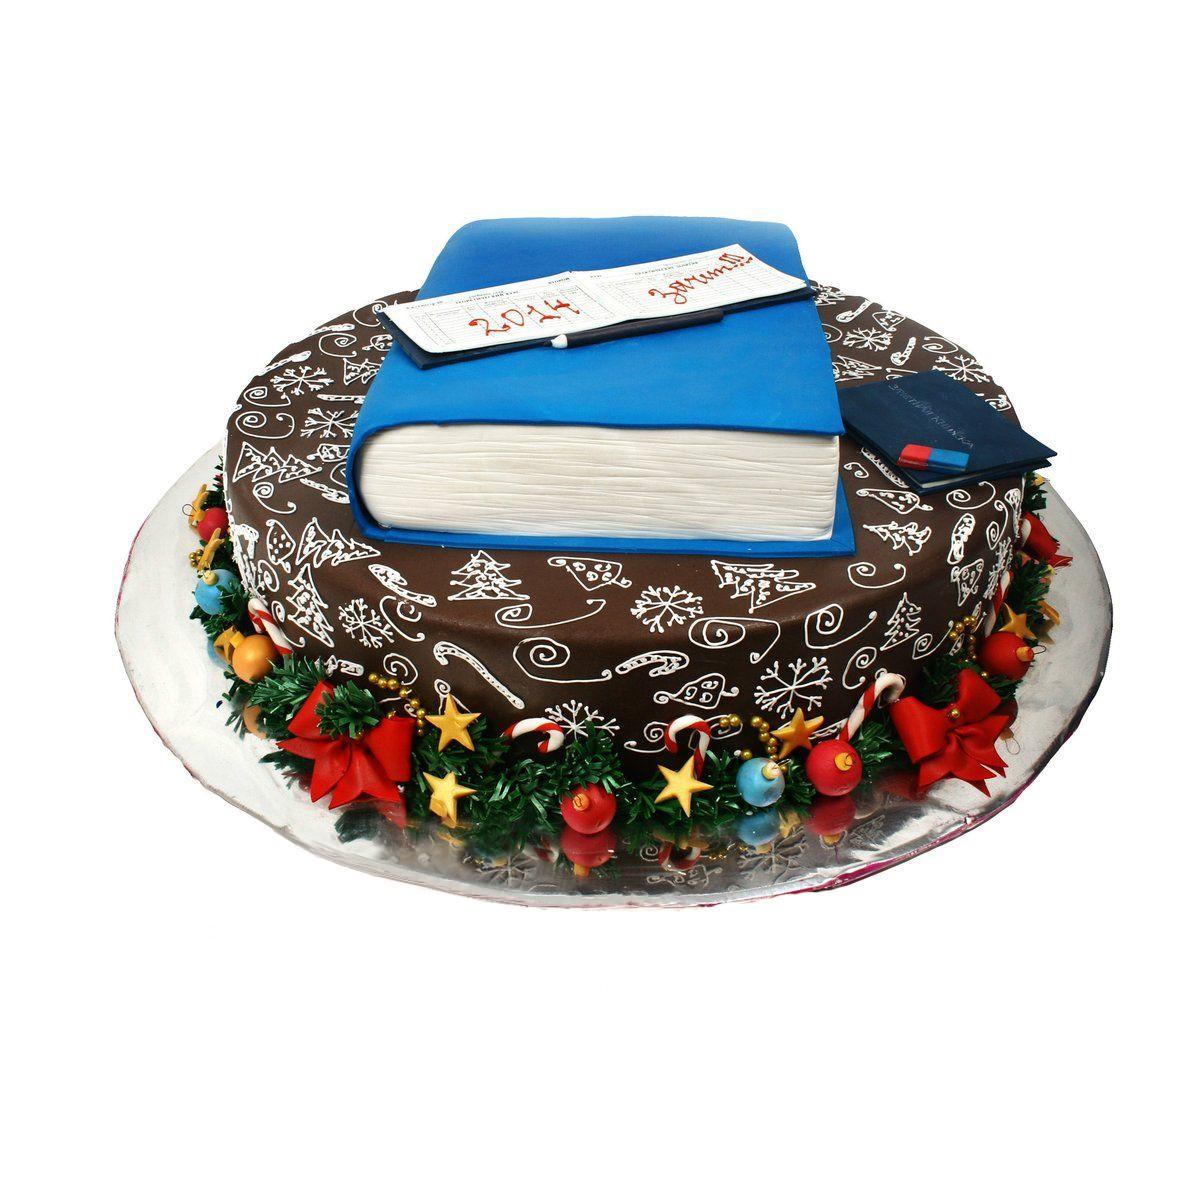 №456 Торт диплом